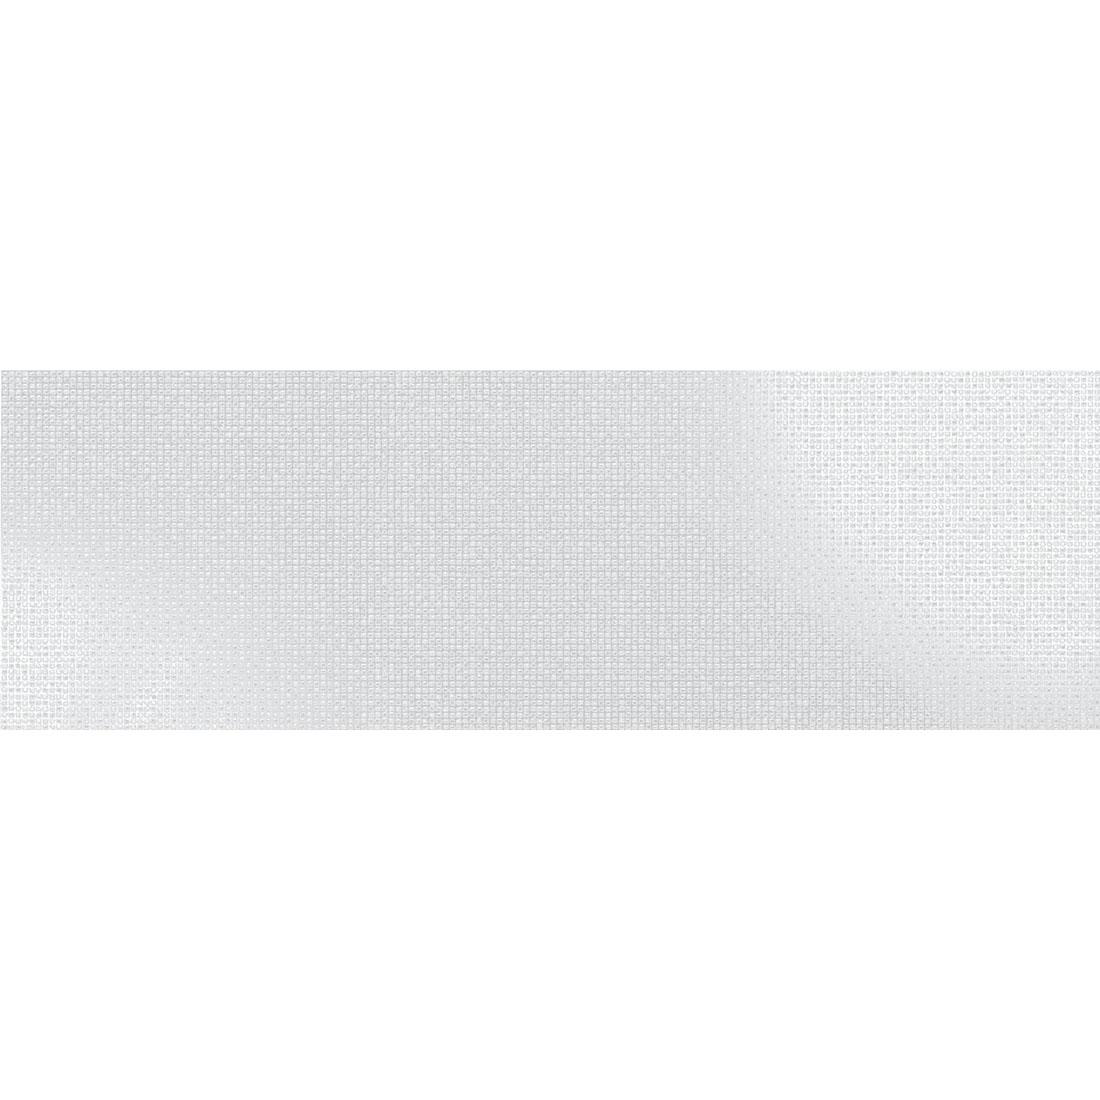 Bag 20x60 Blanco Gloss